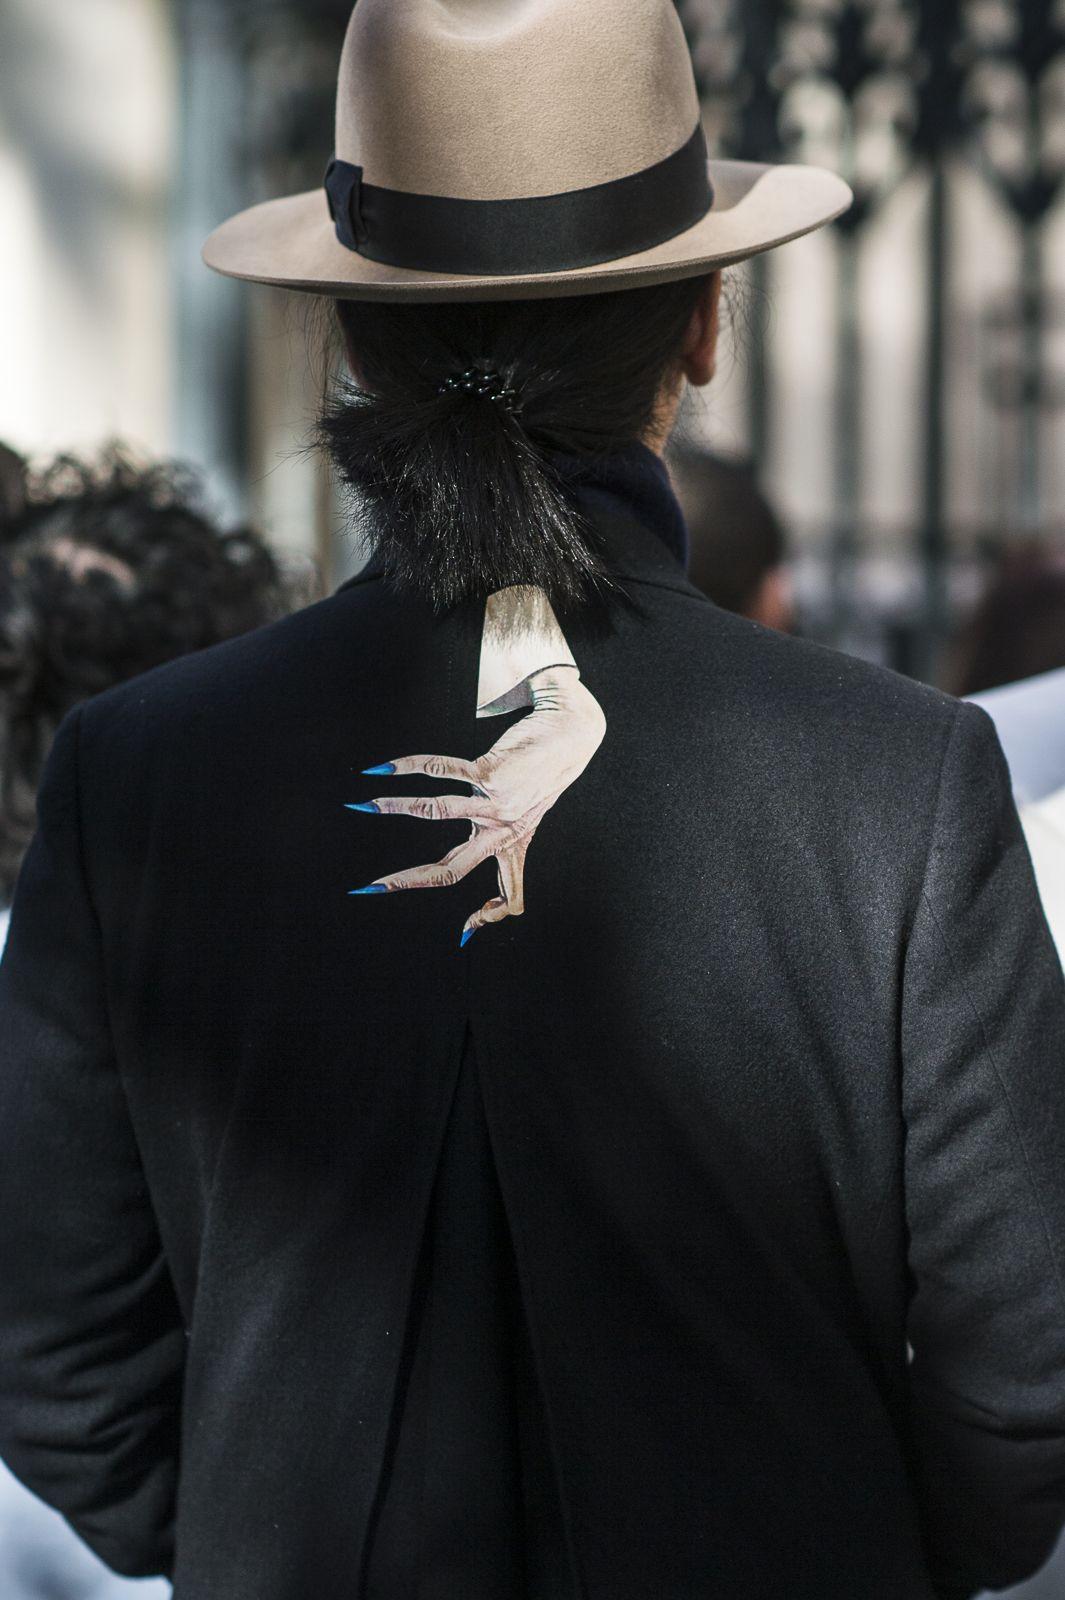 PFW spring summer 2016 / Paris |Julien Boudet | http://bleumode.com | #undercover #pfw #ss16 #detail #print #hat #jacketdetail #backdetail #menswear #streetstyle #streetfashion #bleumode